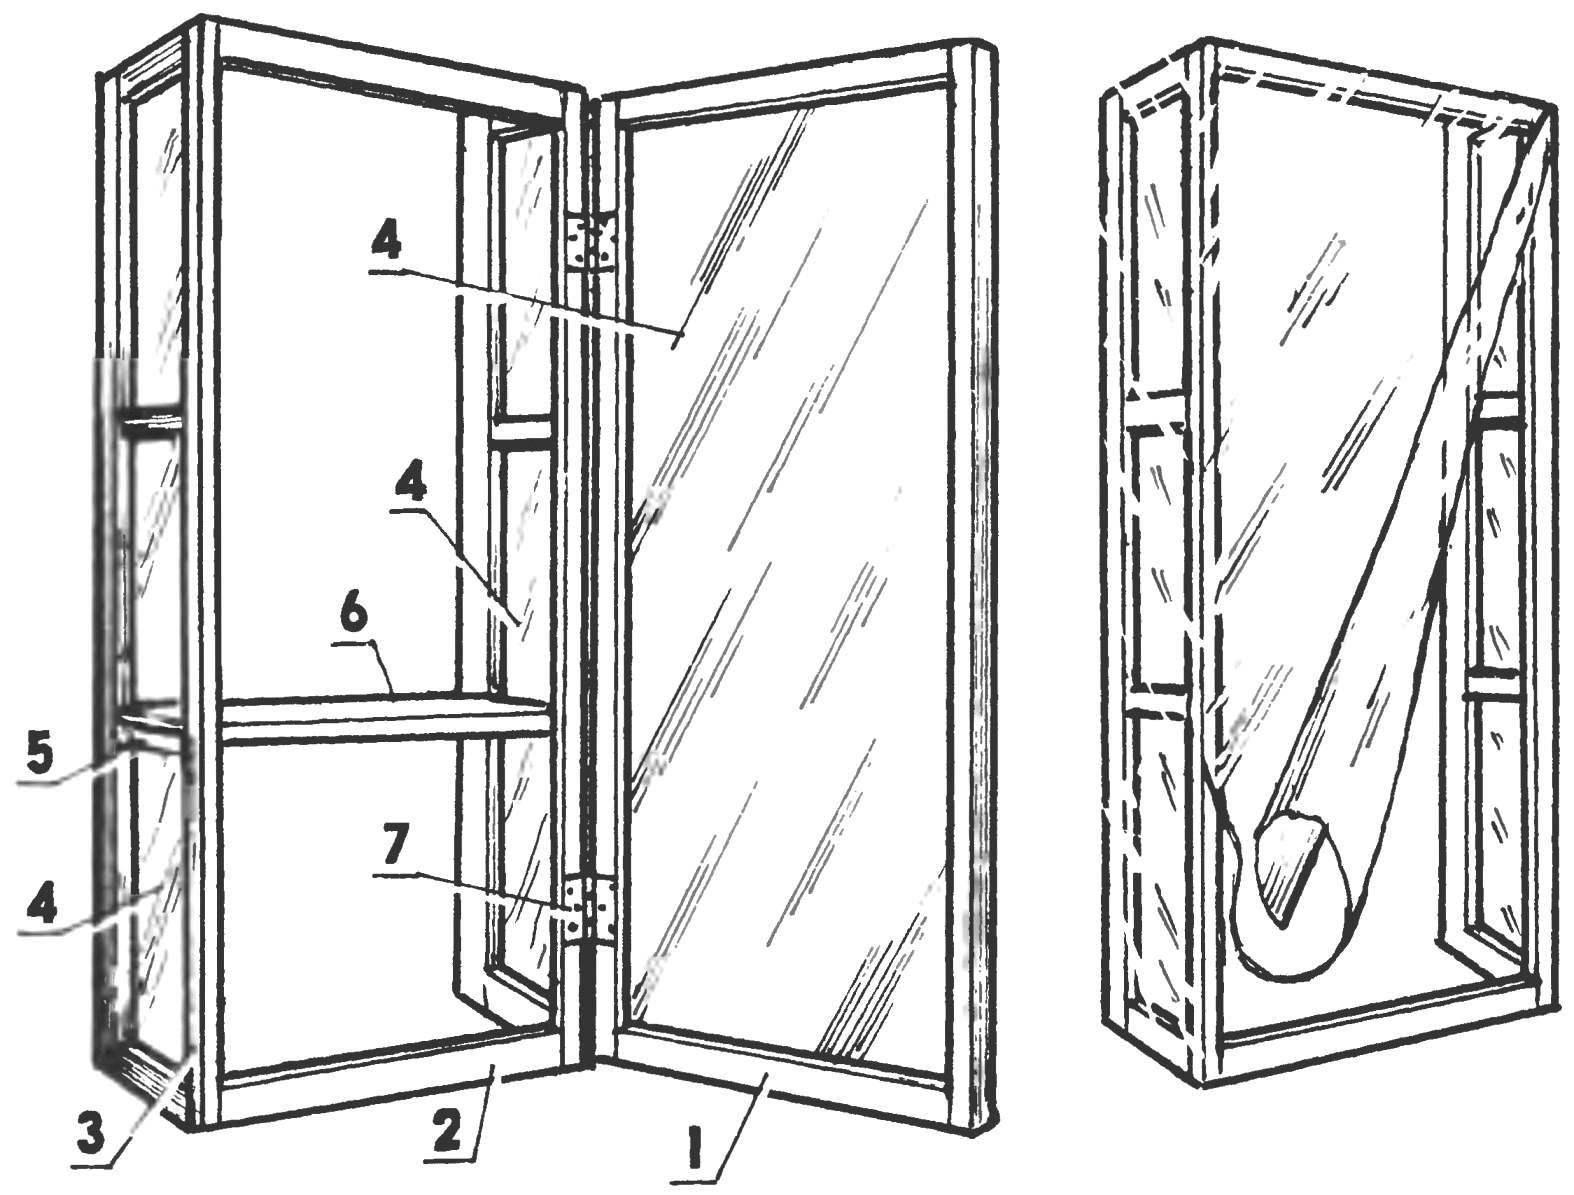 Оконный шкаф в варианте «оранжерея» и вариант оранжереи без дверцы — с пленочными стенками и откидным пологом